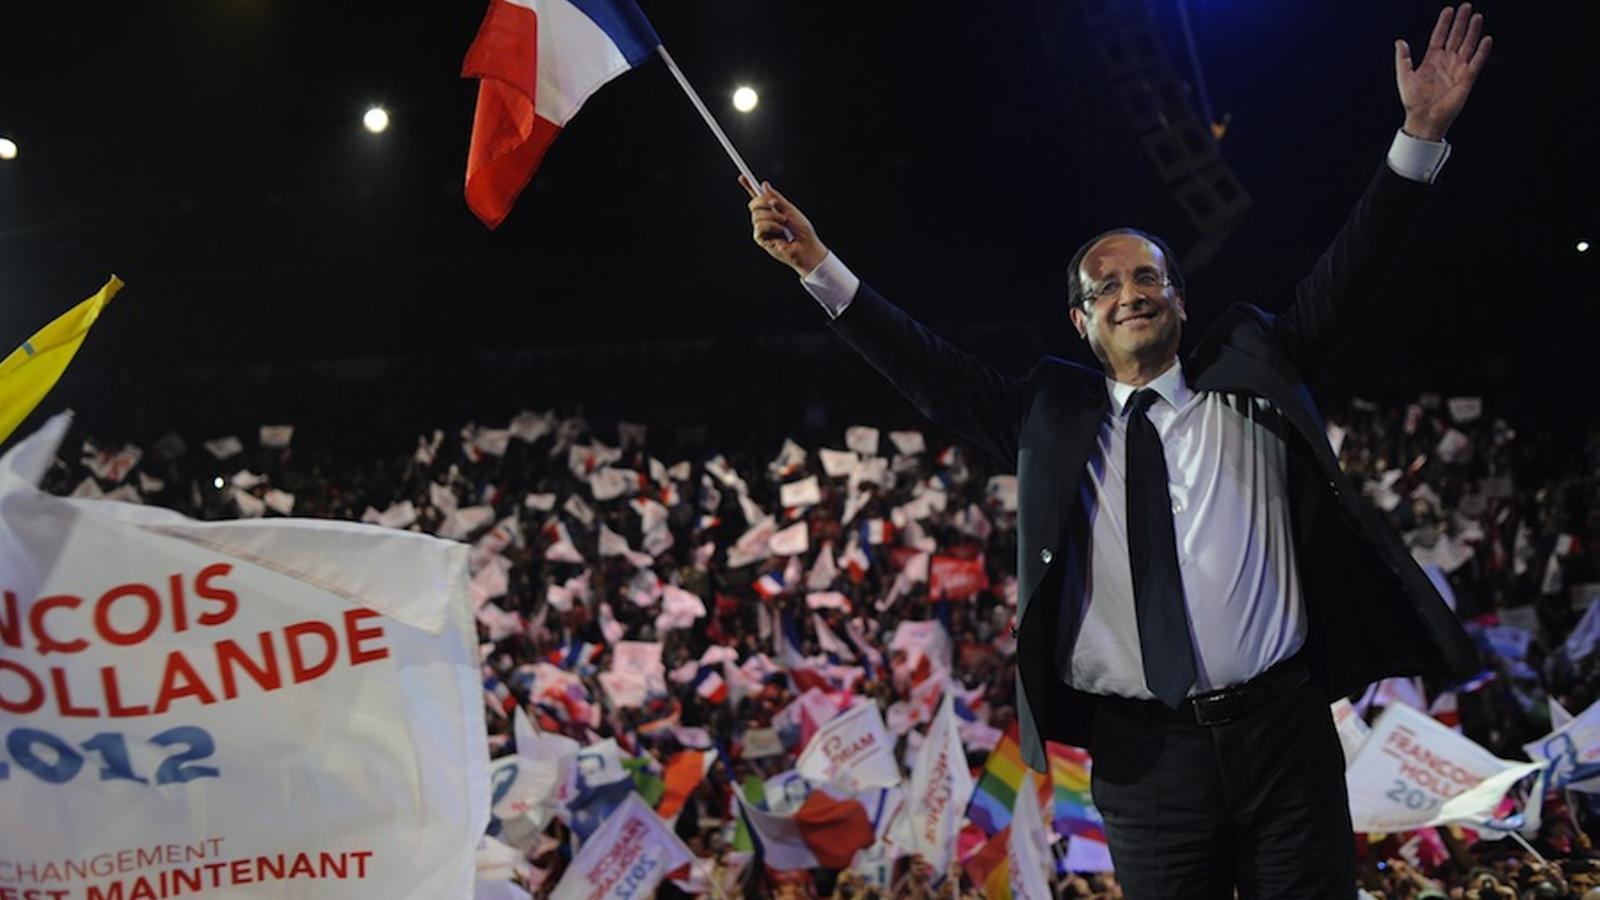 L'economia centra l'últim tram de la campanya presidencial francesa